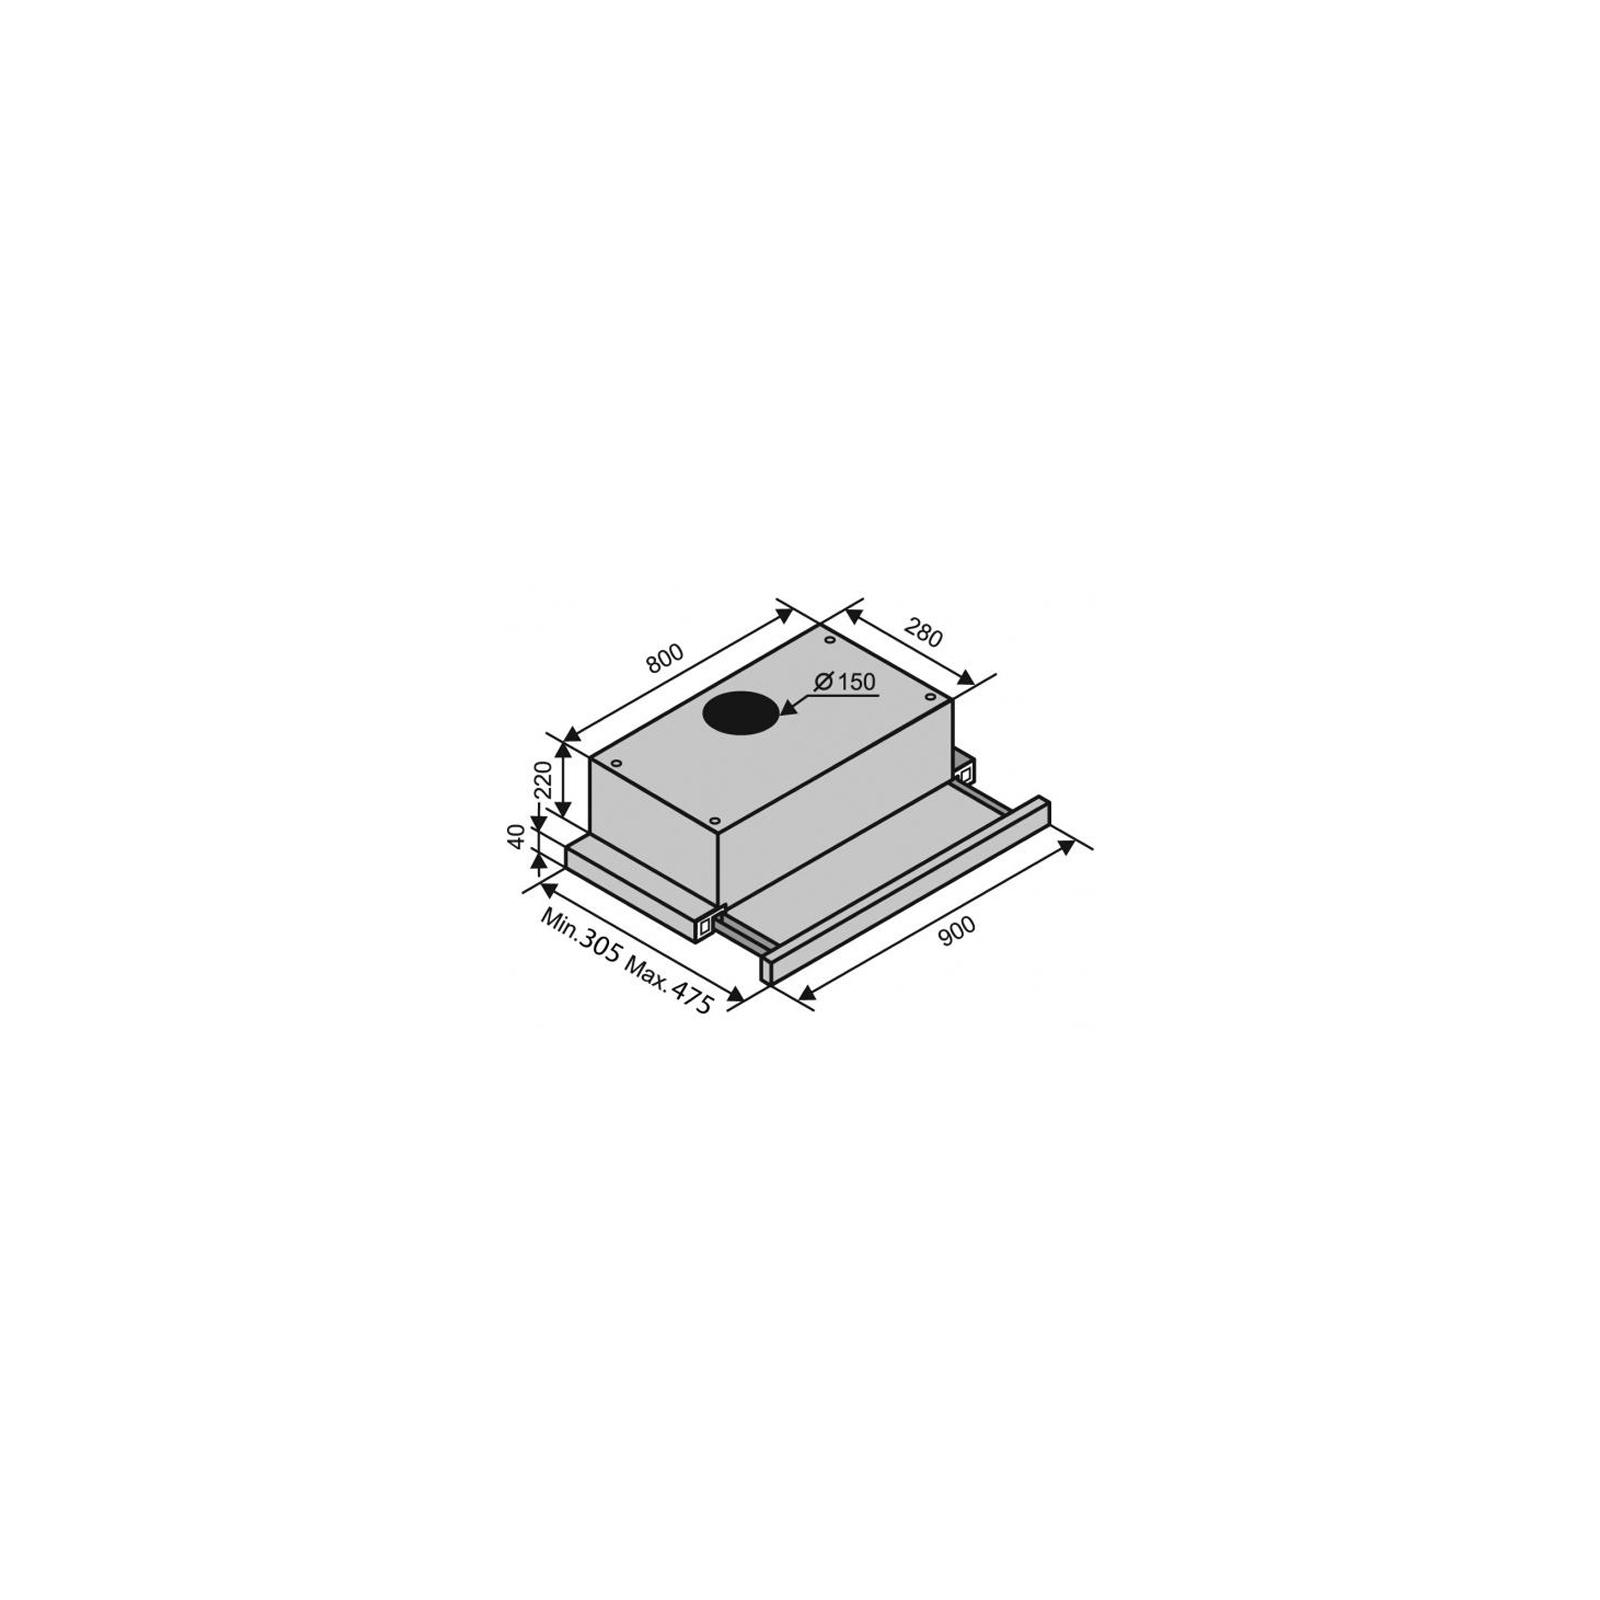 Вытяжка кухонная VENTOLUX GARDA 90 INOX (900) изображение 2